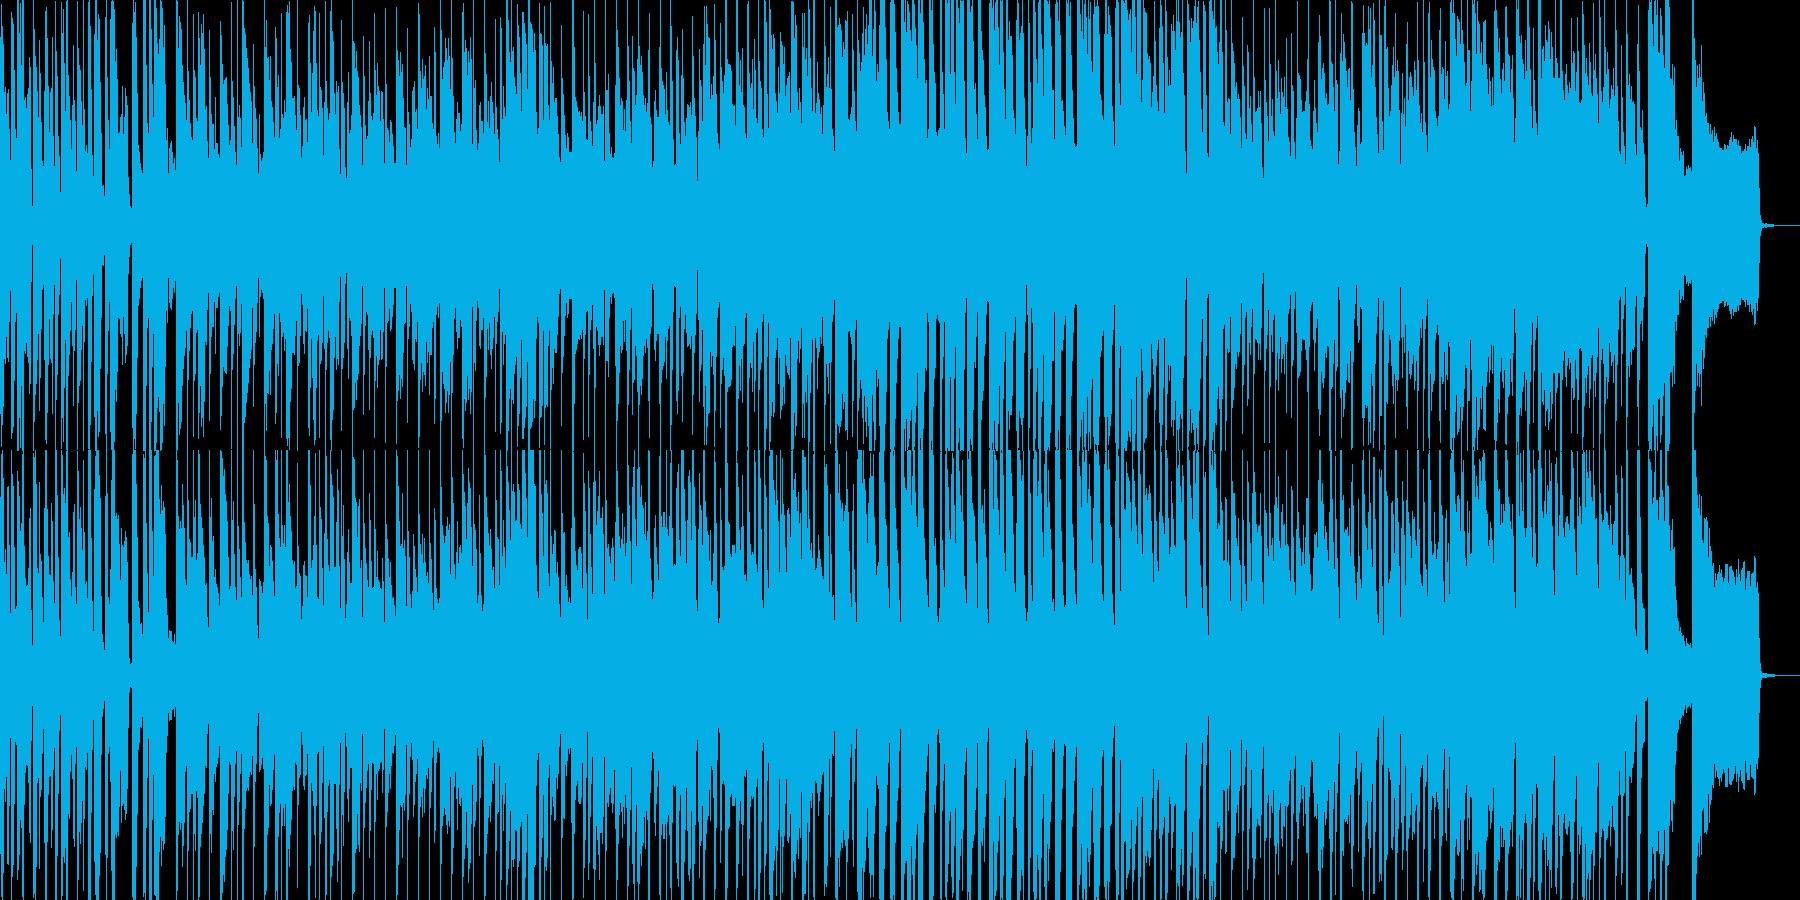 子供の日常をイメージさせるポップな曲の再生済みの波形